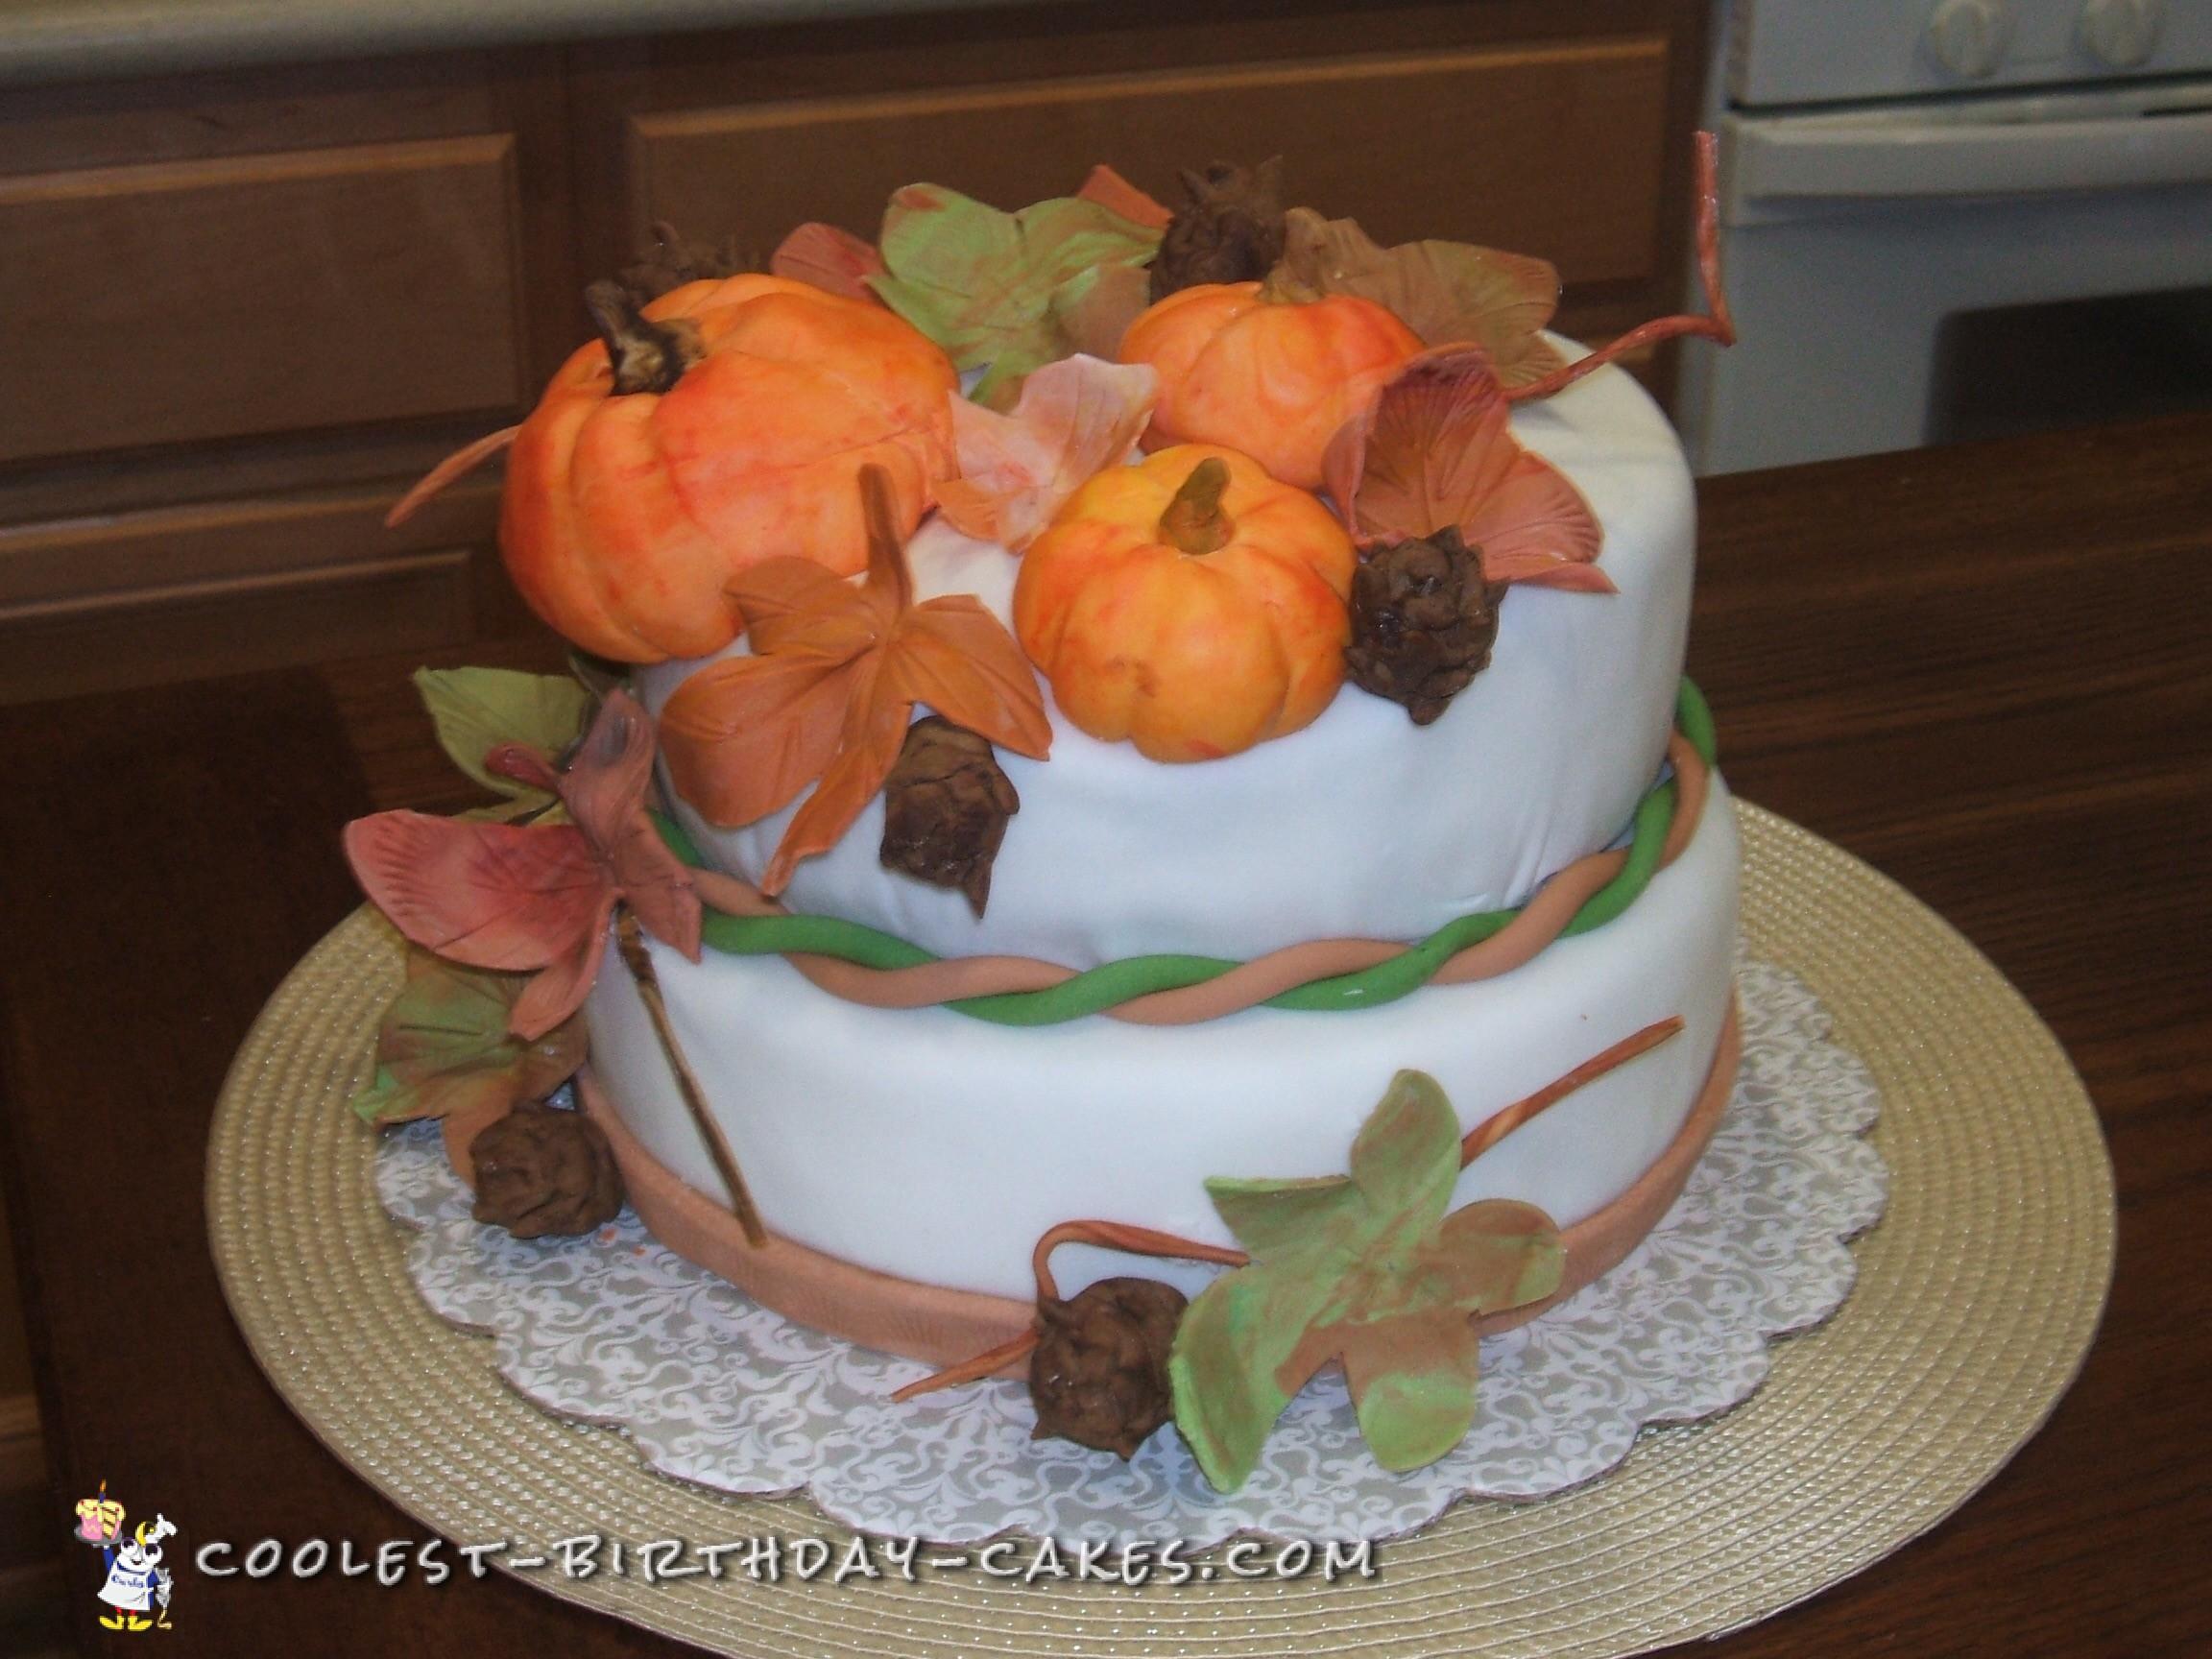 Harvest Cake for Thanksgiving